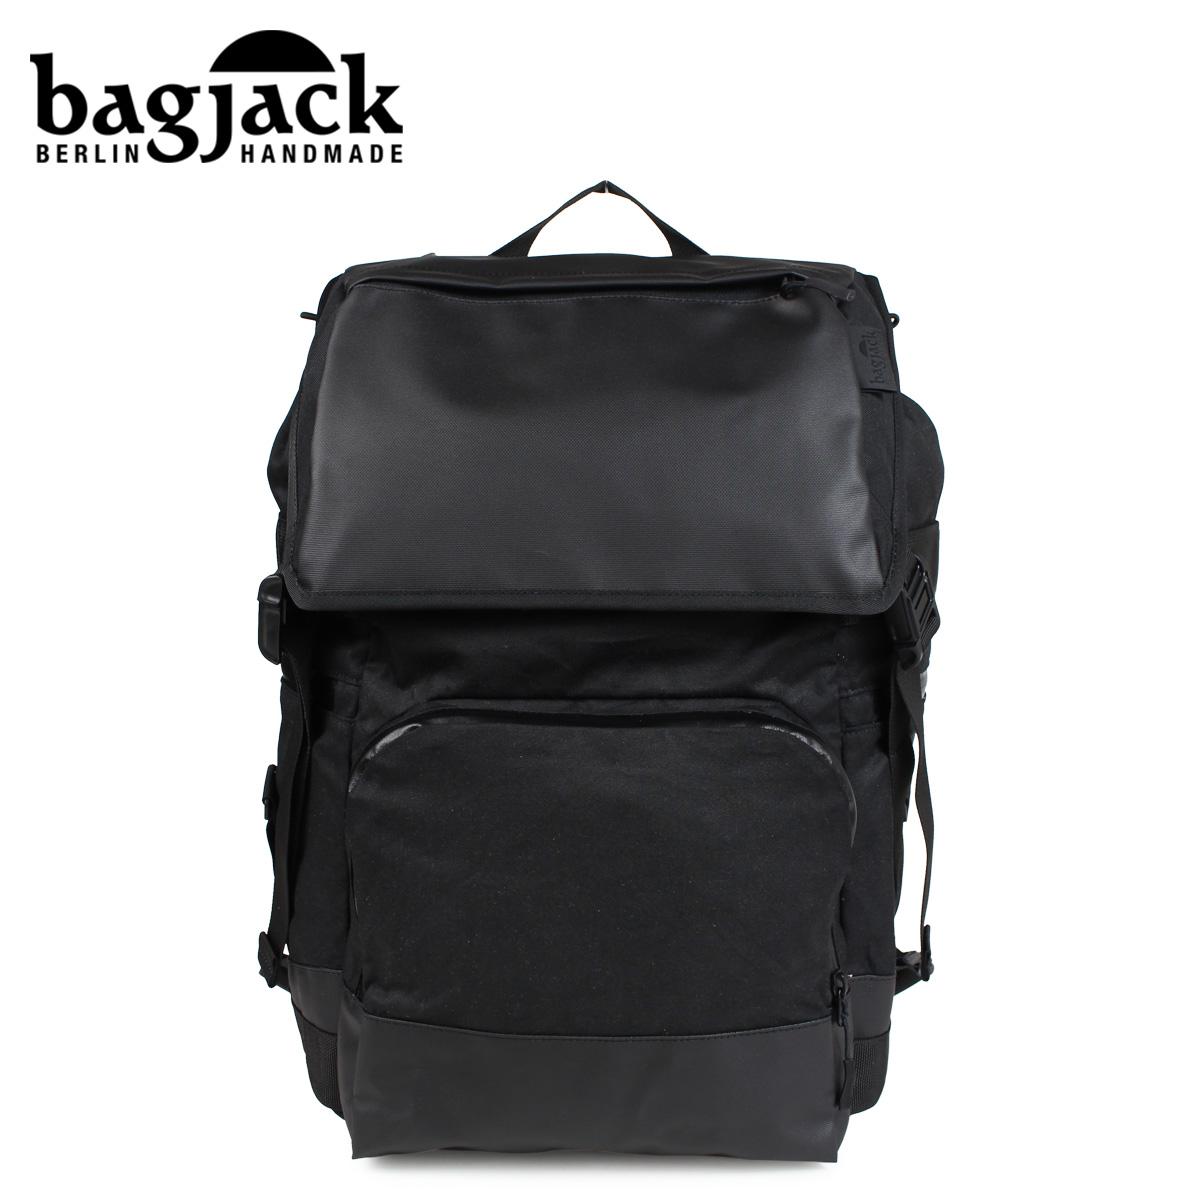 バッグジャック bagjack リュック バックパック メンズ レディース NEXT LEVEL NATURE TEC RUCKSACK ブラック